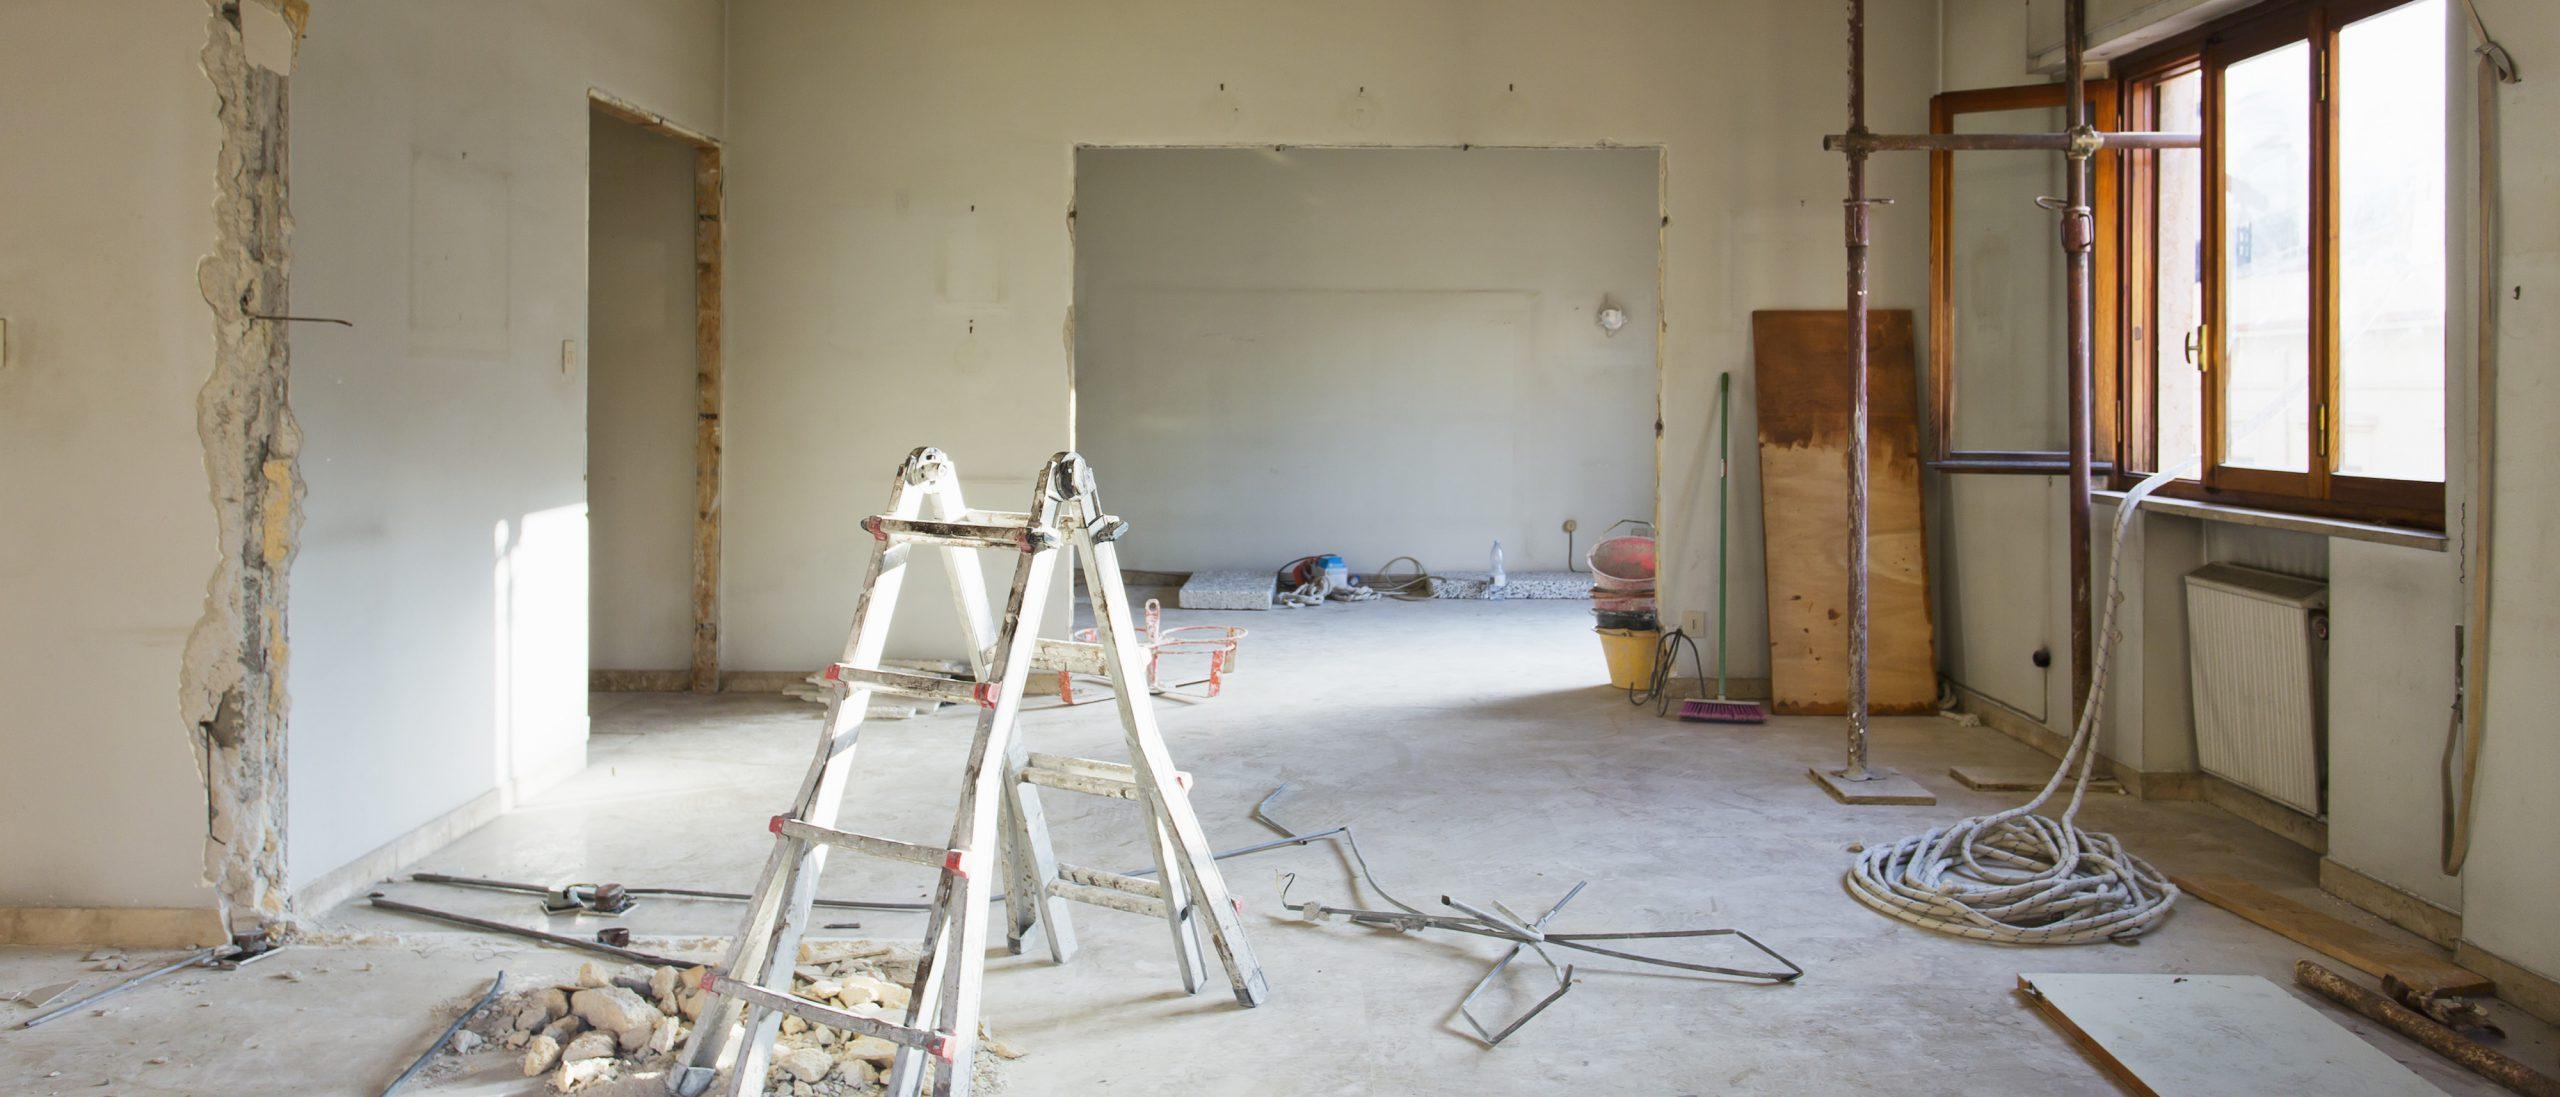 Sanieren, Renovieren, Modernisieren